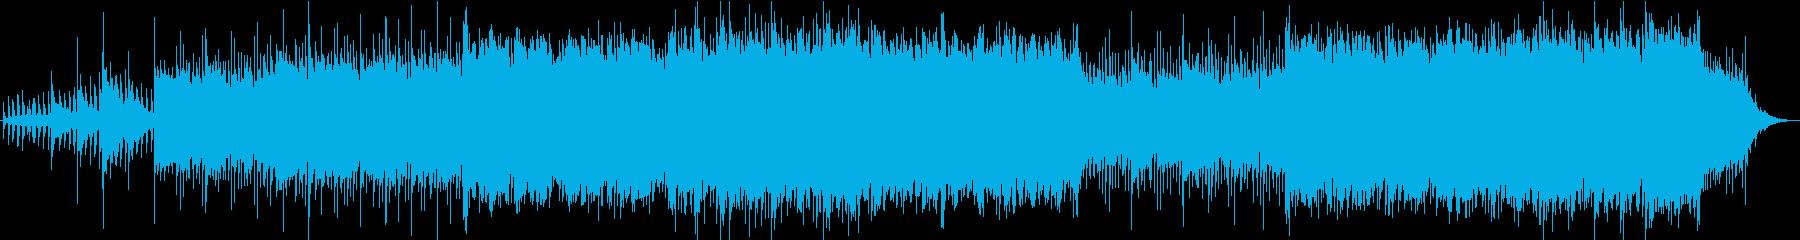 ポップ テクノ モダン ラウンジ ...の再生済みの波形